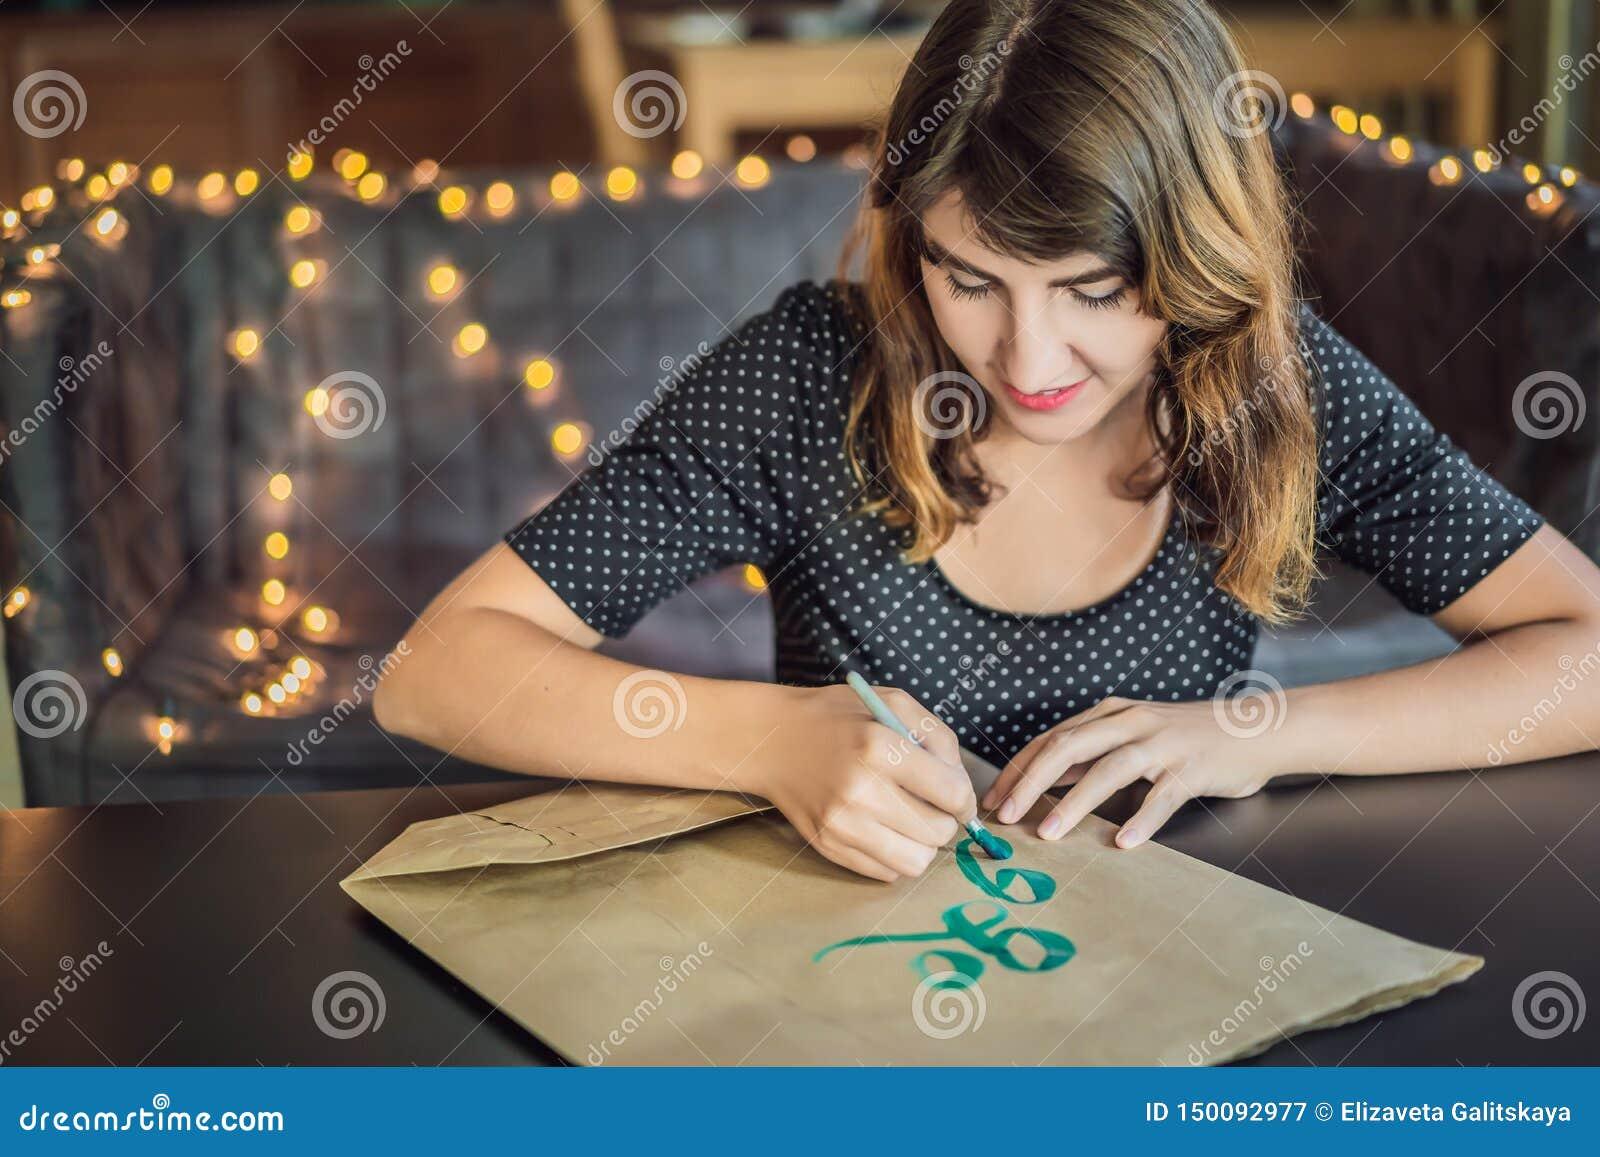 Disparaissent le vert Le calligraphe Young Woman ?crit l expression sur le livre blanc Inscrire les lettres d?cor?es ornementales